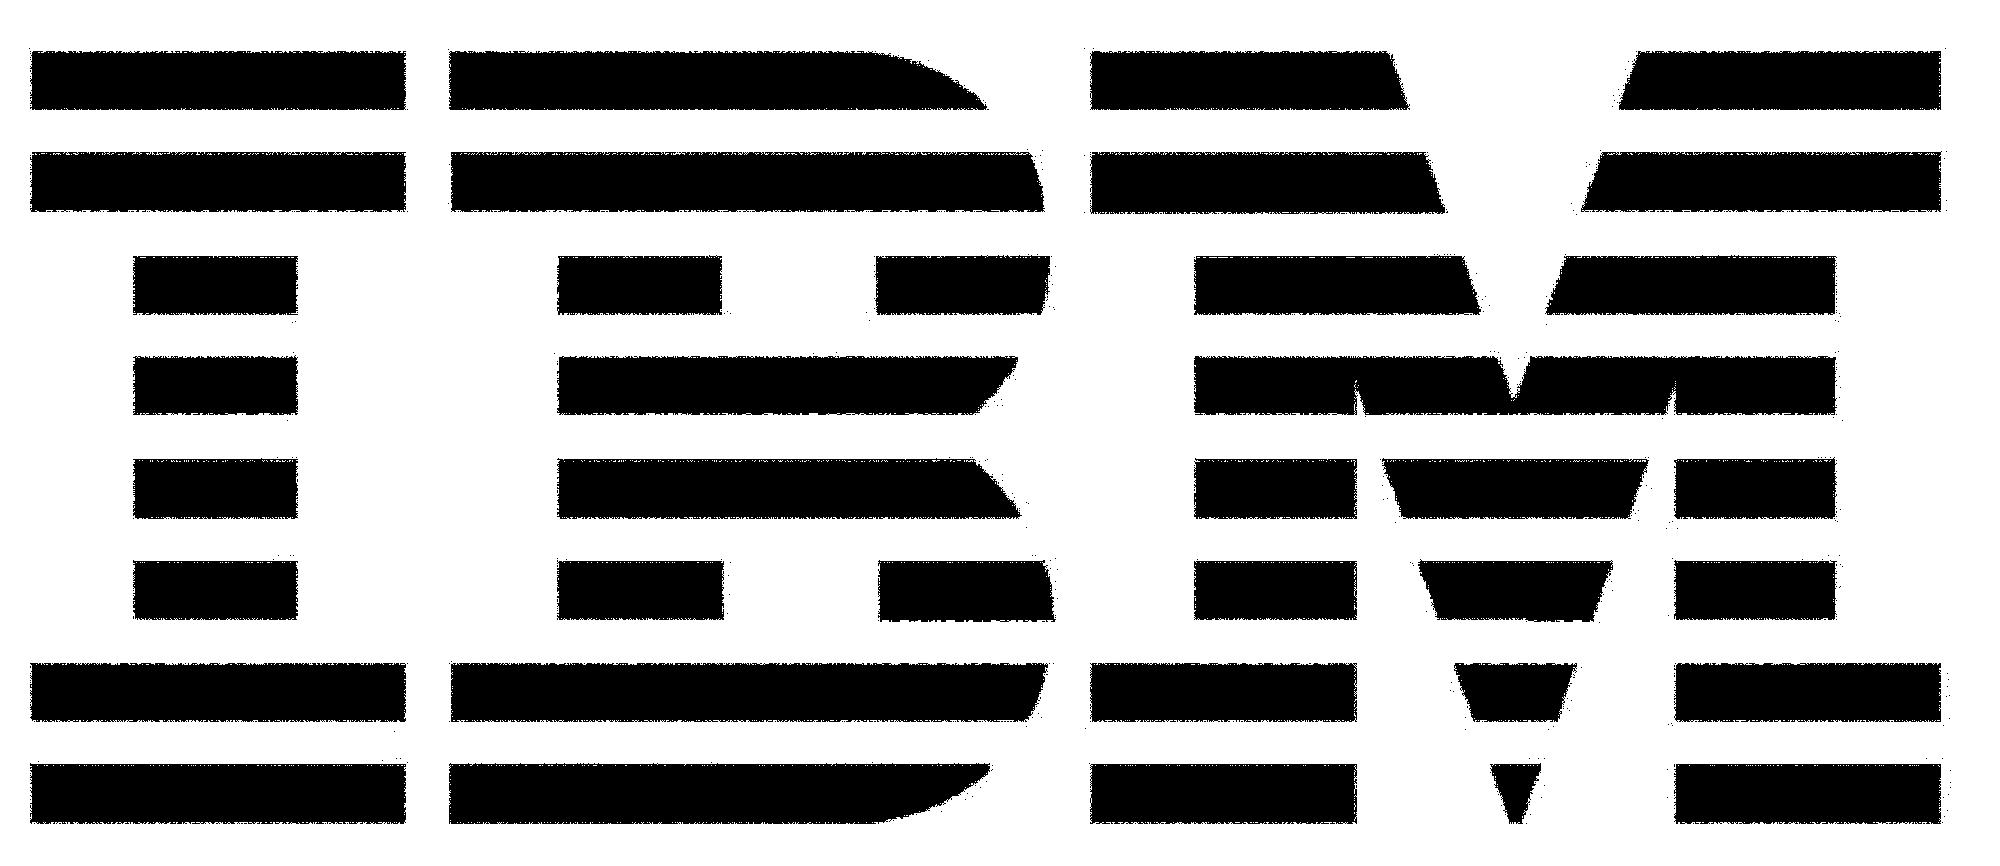 Logo Ibm PNG - 98725